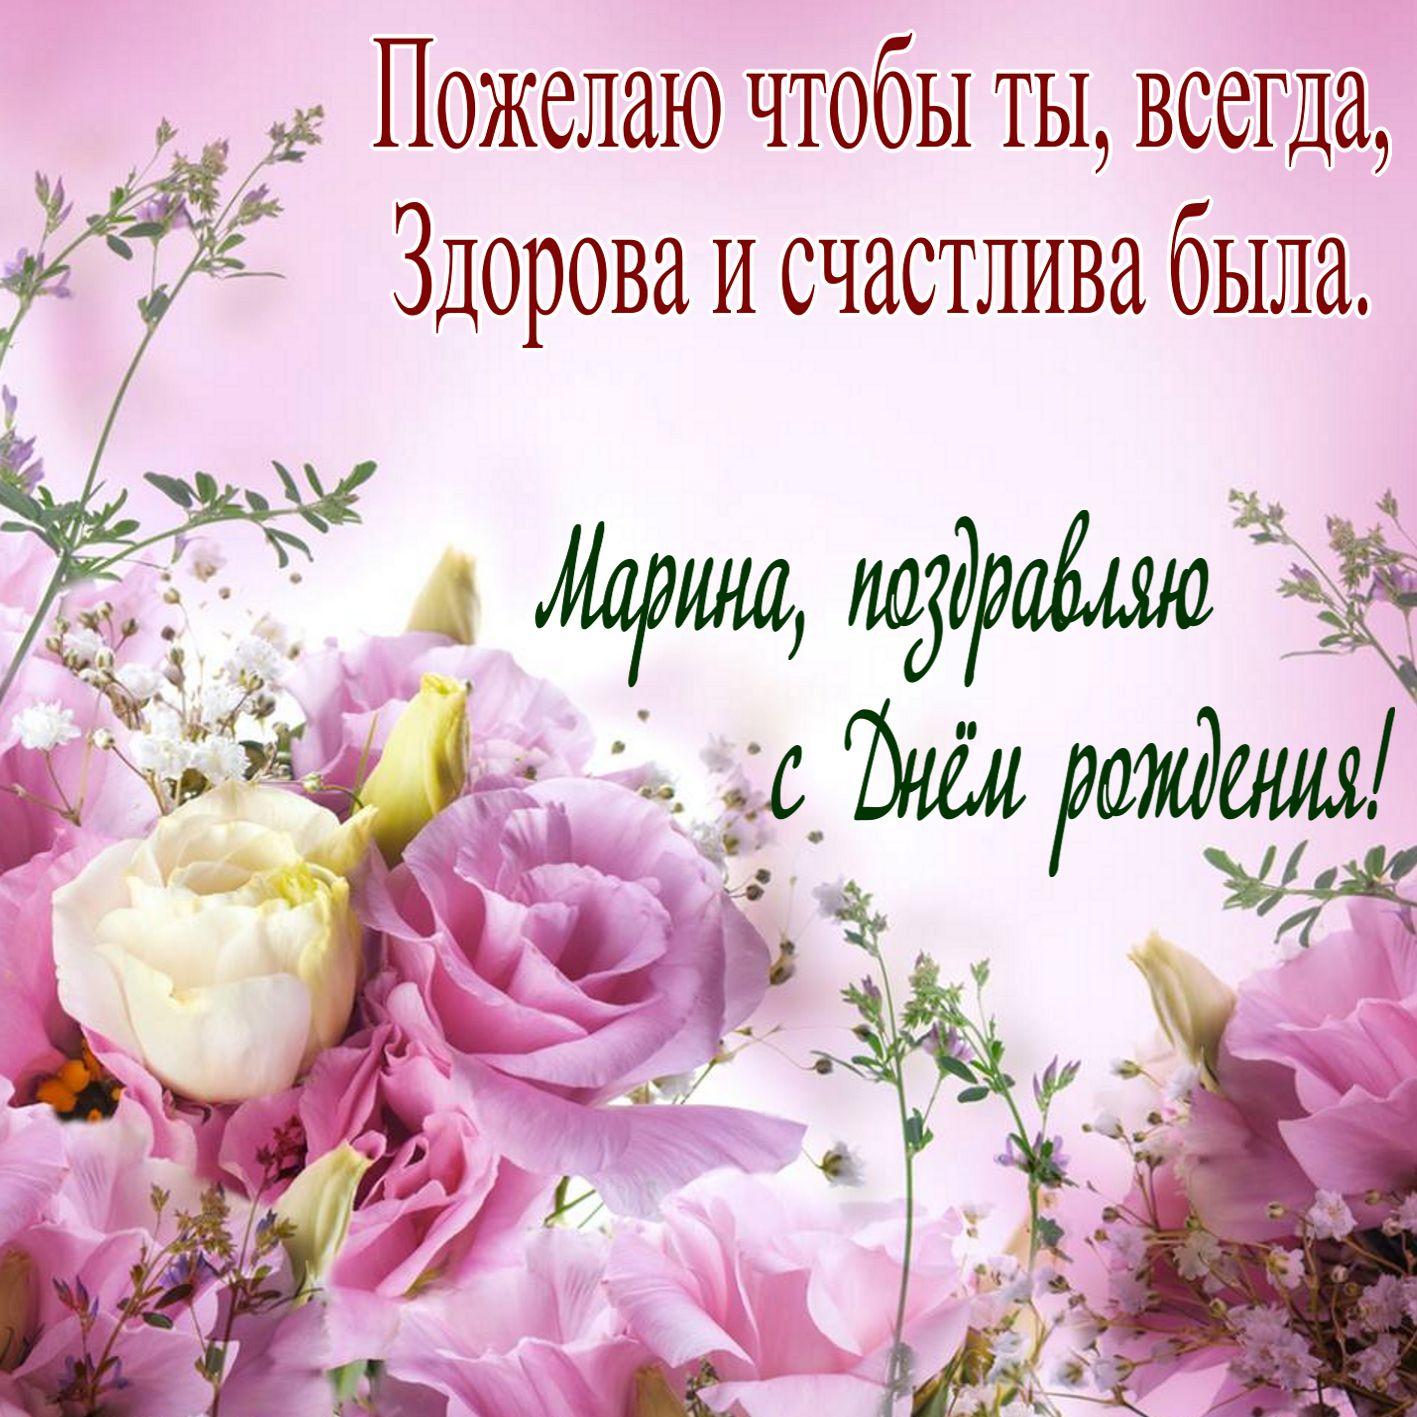 Пожелание Марине на красивом фоне из цветов